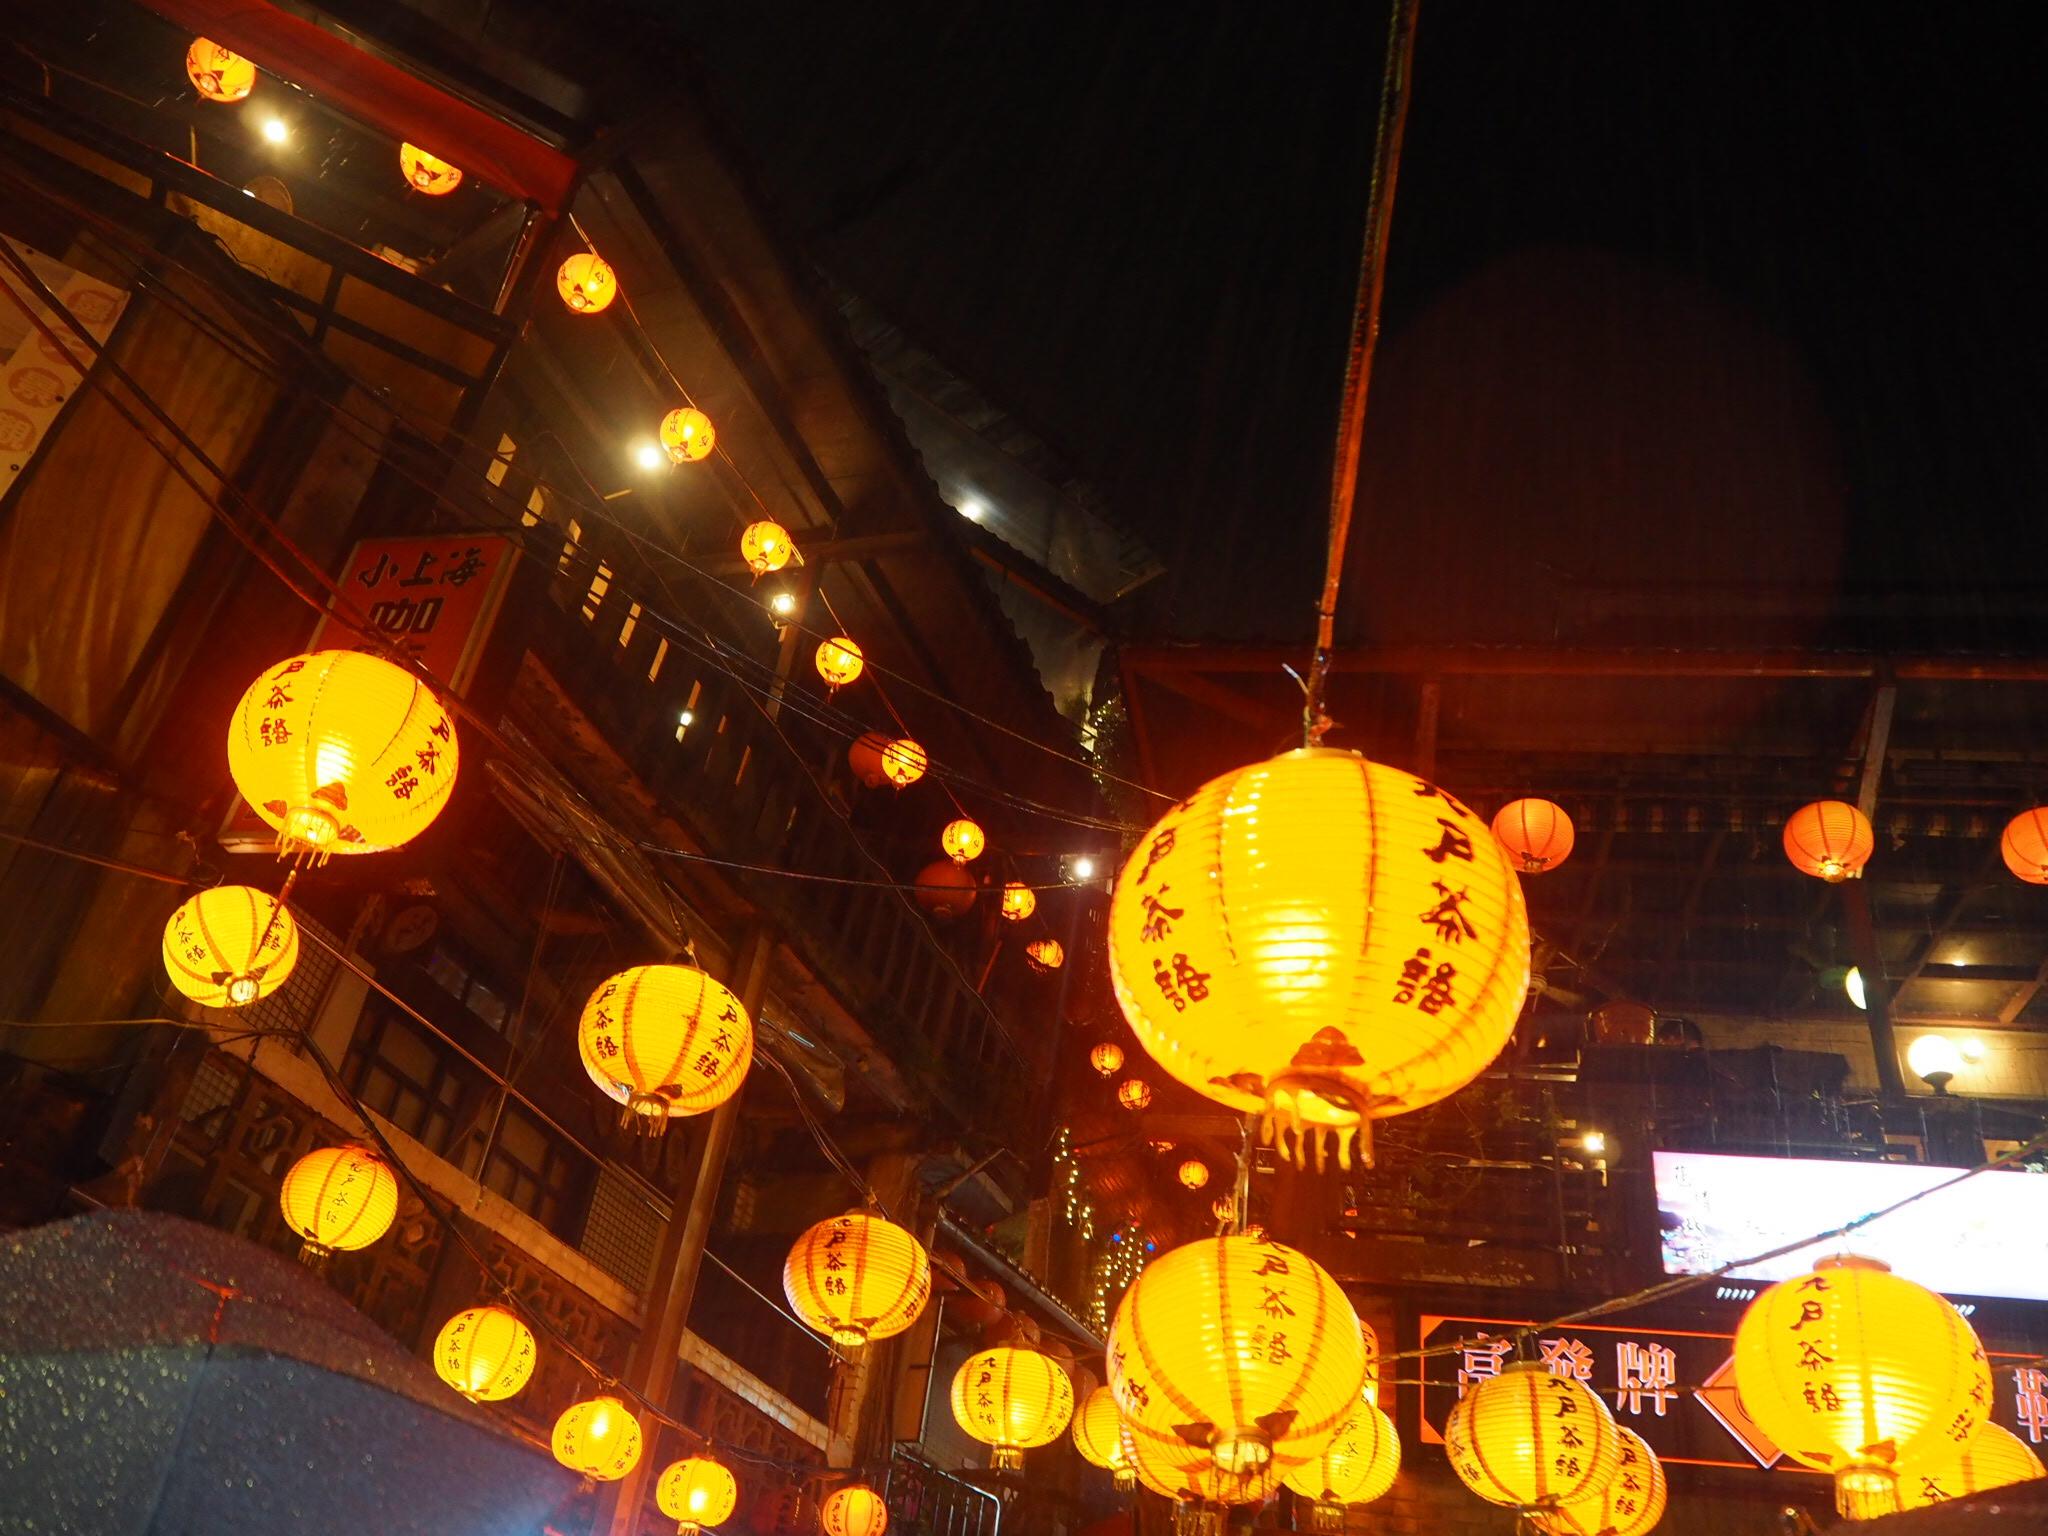 《台湾女子旅》大晦日は十分で天燈上げ+嵐の夜の九份でお茶会_2